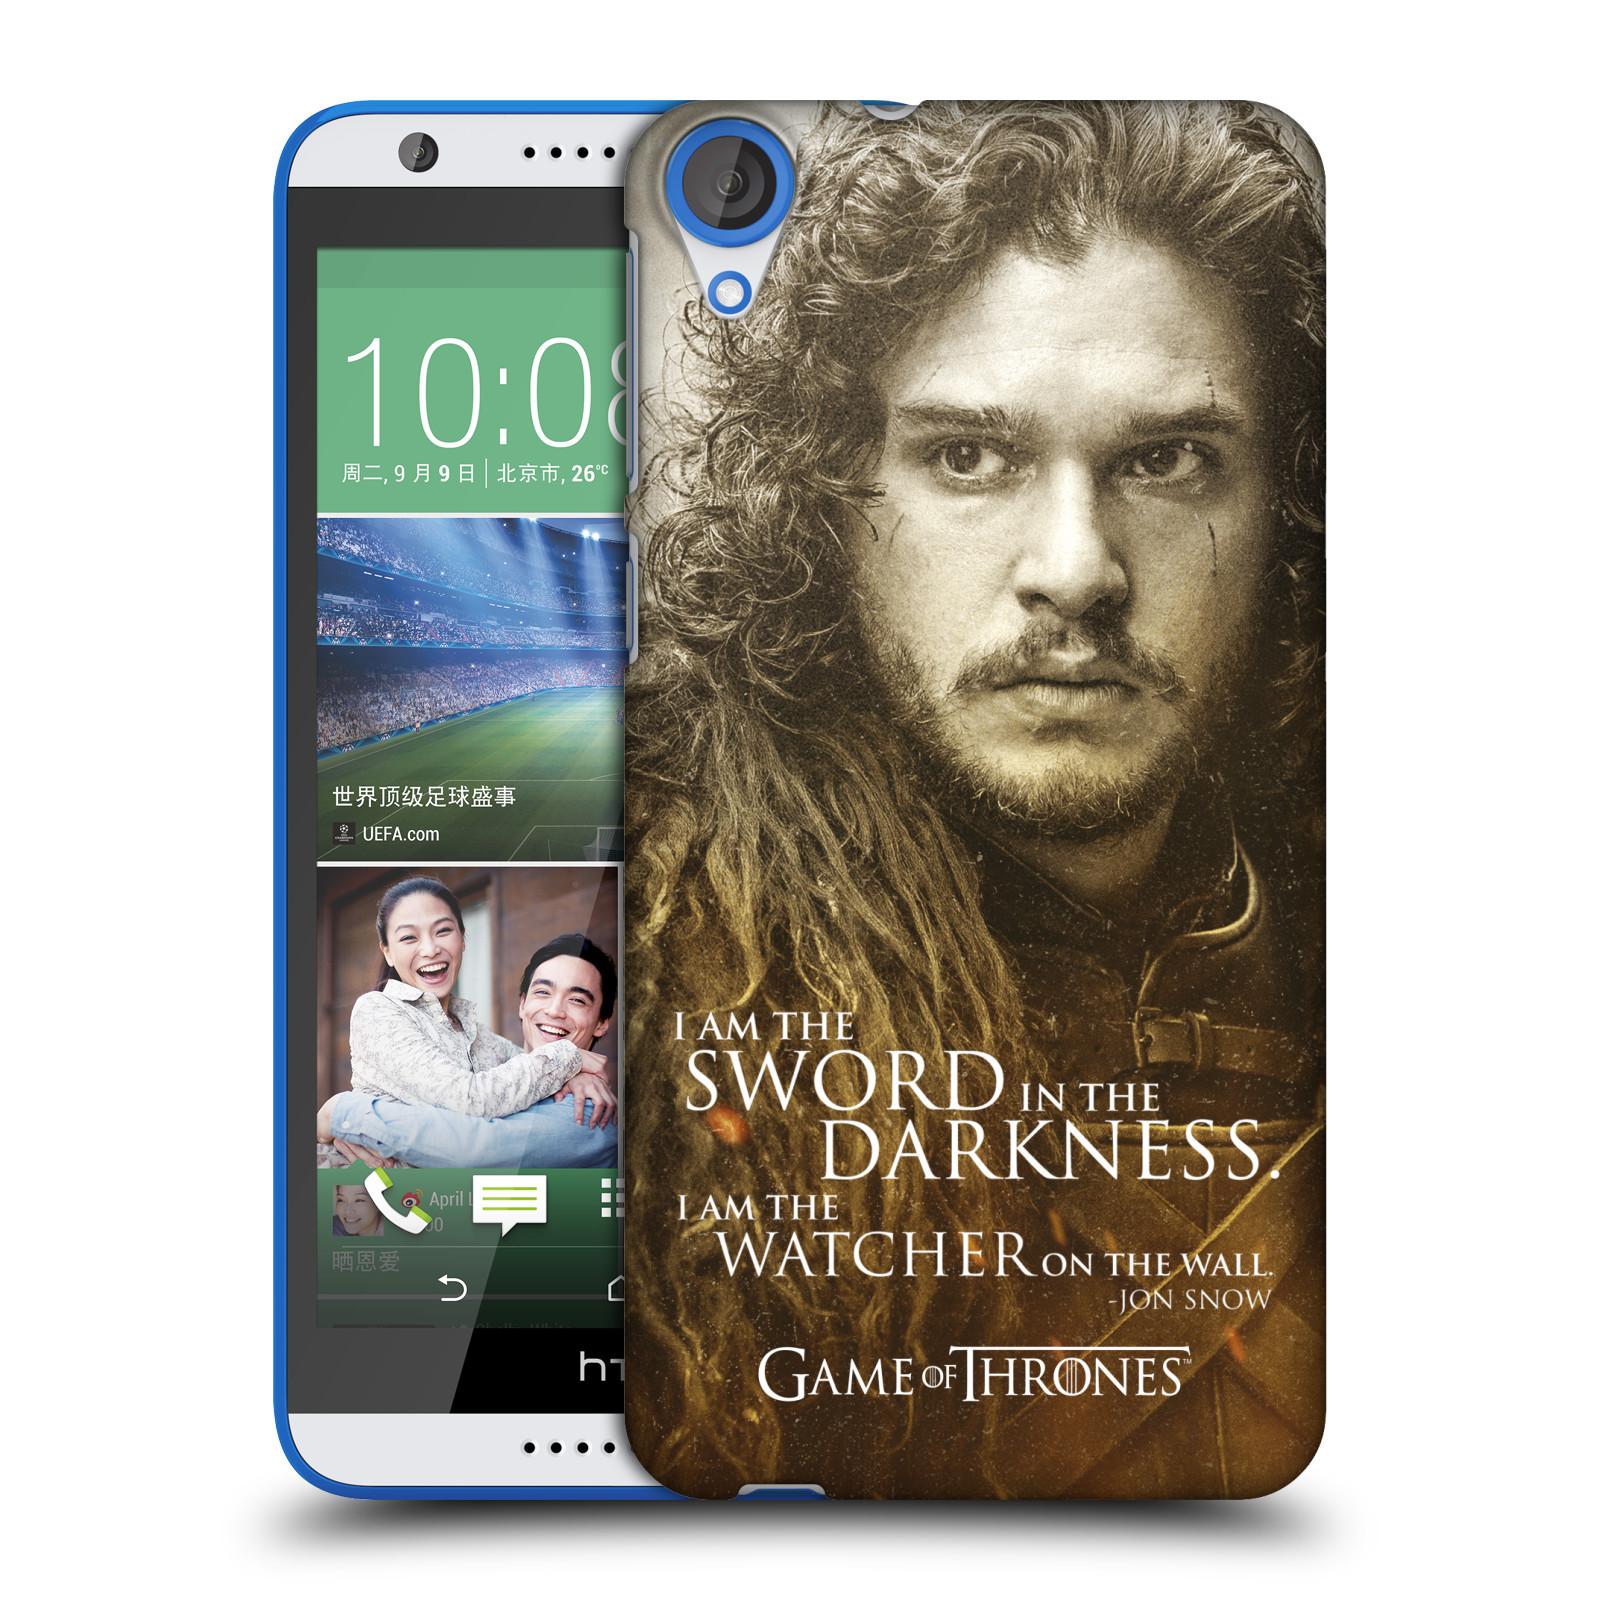 Plastové pouzdro na mobil HTC Desire 820 HEAD CASE Hra o trůny - Jon Snow (Plastový kryt či obal na mobilní telefon s licencovaným motivem Hra o trůny - Game Of Thrones pro HTC Desire 820)